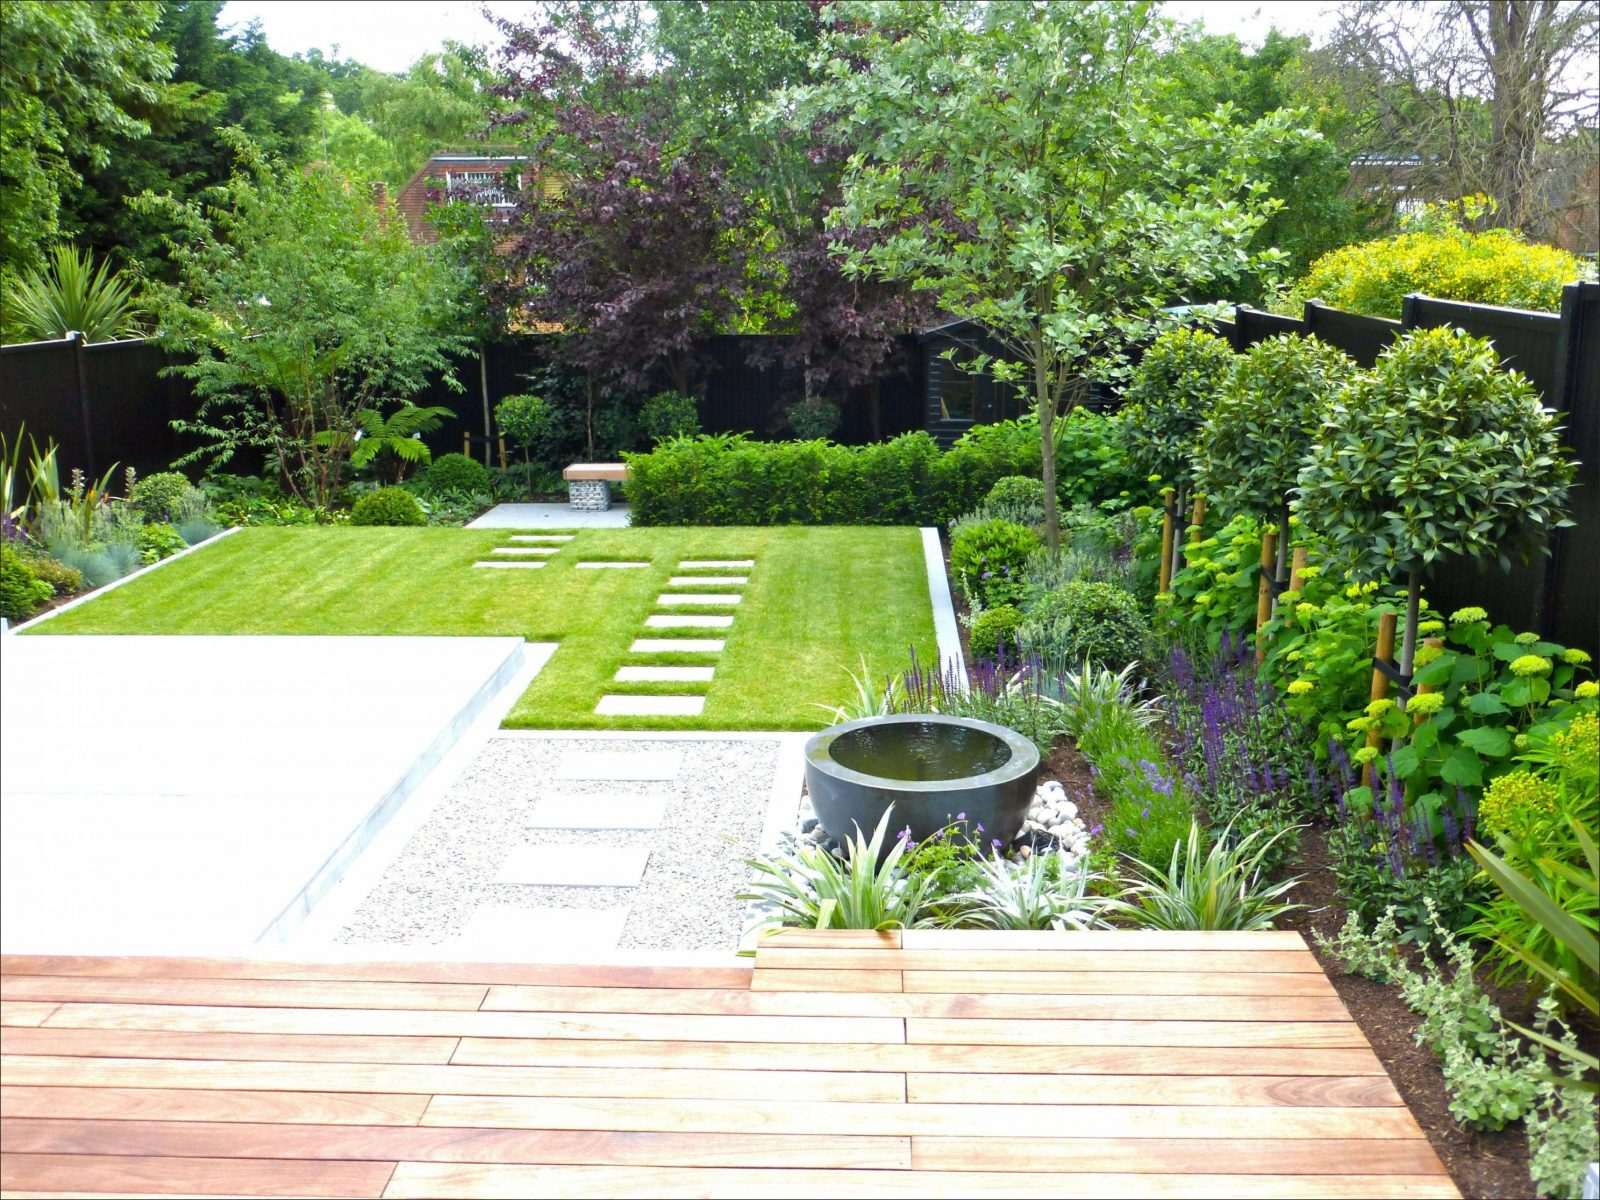 Kleine Gärten Gestalten Praktische Lösungen — Temobardz Home Blog von Kleine Gärten Gestalten Praktische Lösungen Bild